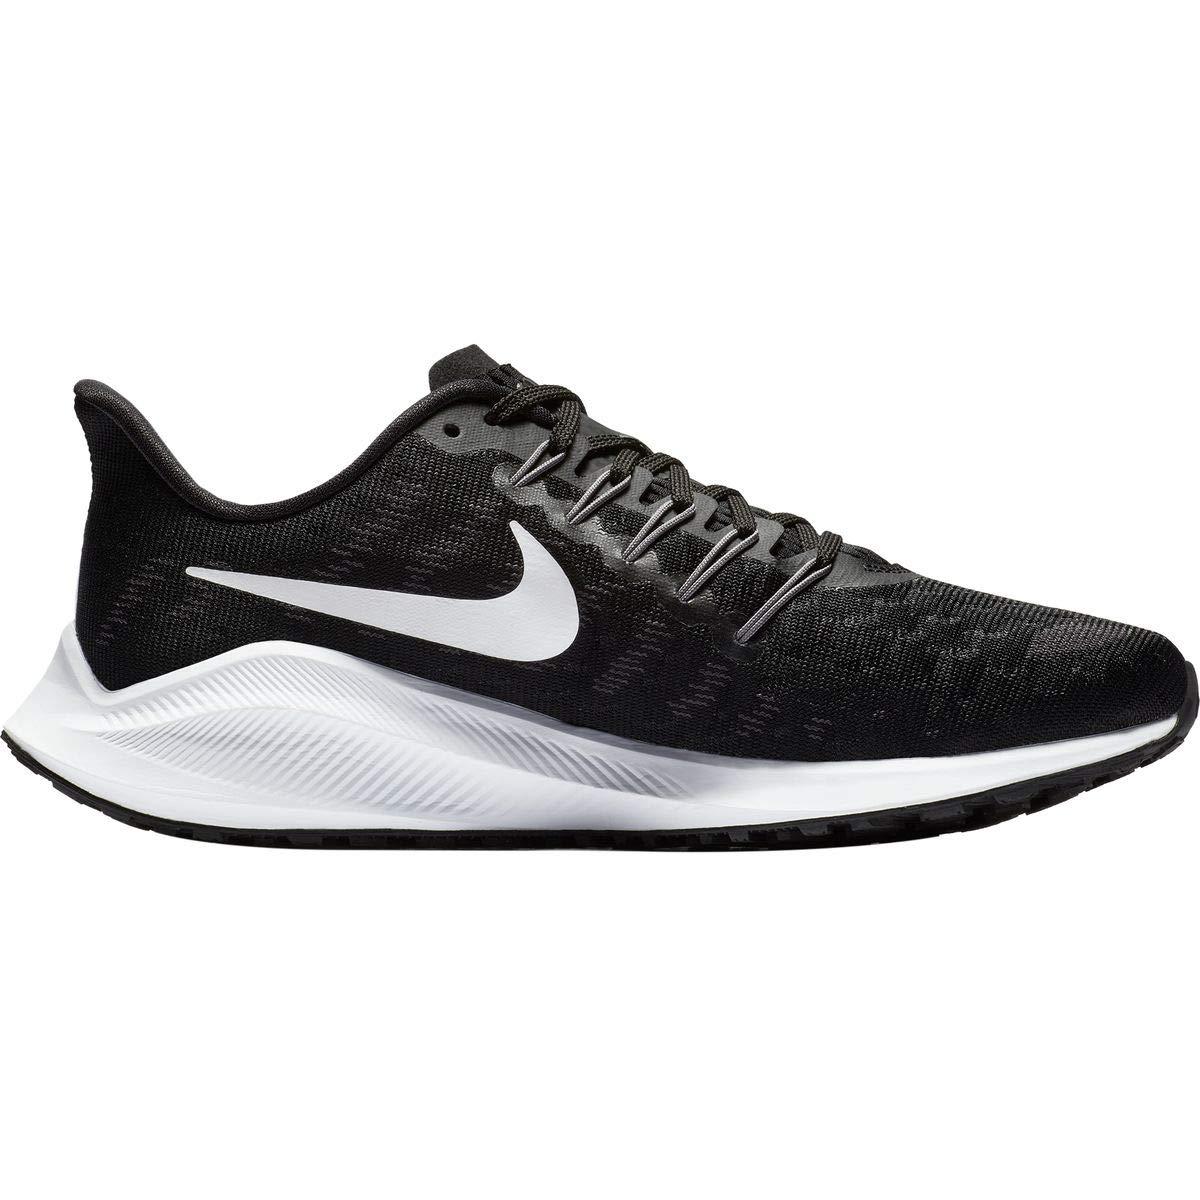 最安価格 [ナイキ] レディース ランニング Air Zoom Vomero 14 Running Shoe [並行輸入品] B07MTC9HH9   6.5, 松阪牛(松坂牛)通販 友屋本店 1ba5cbef